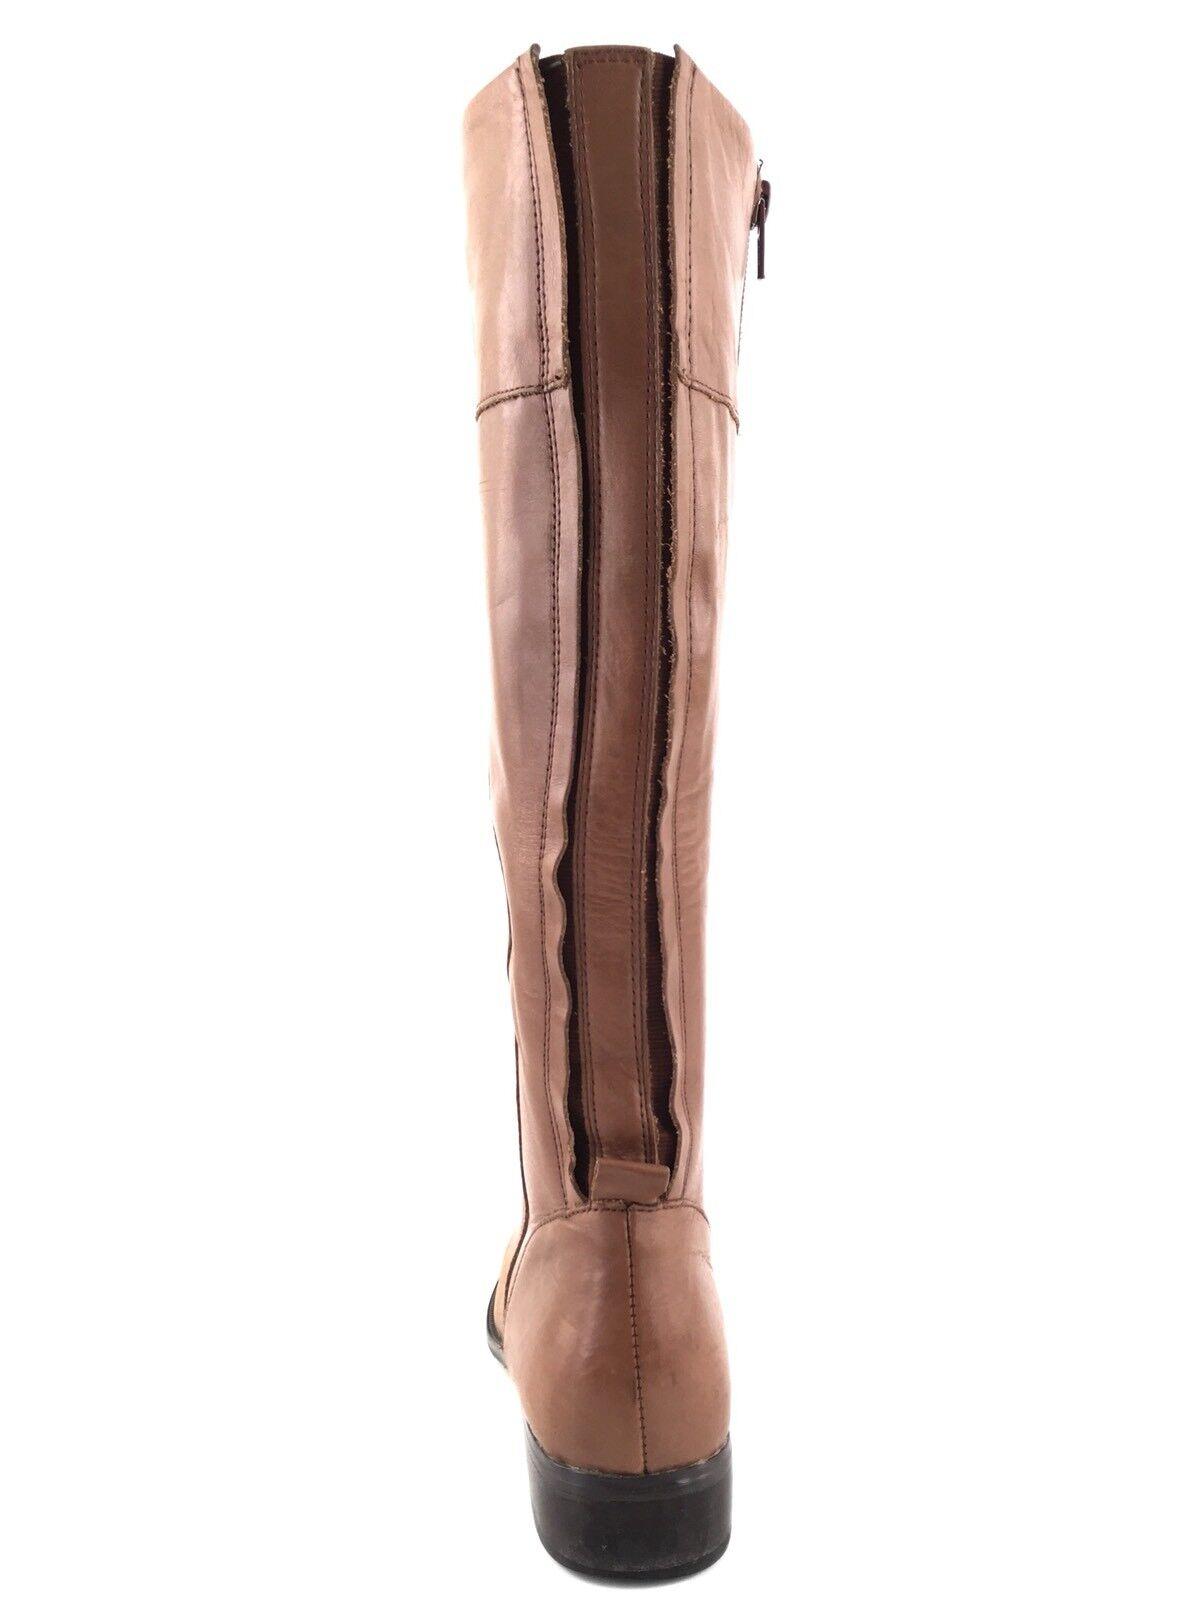 Corso Como Geneva Cognac Leder Knee High Riding Stiefel Damens Größe 6.5 M